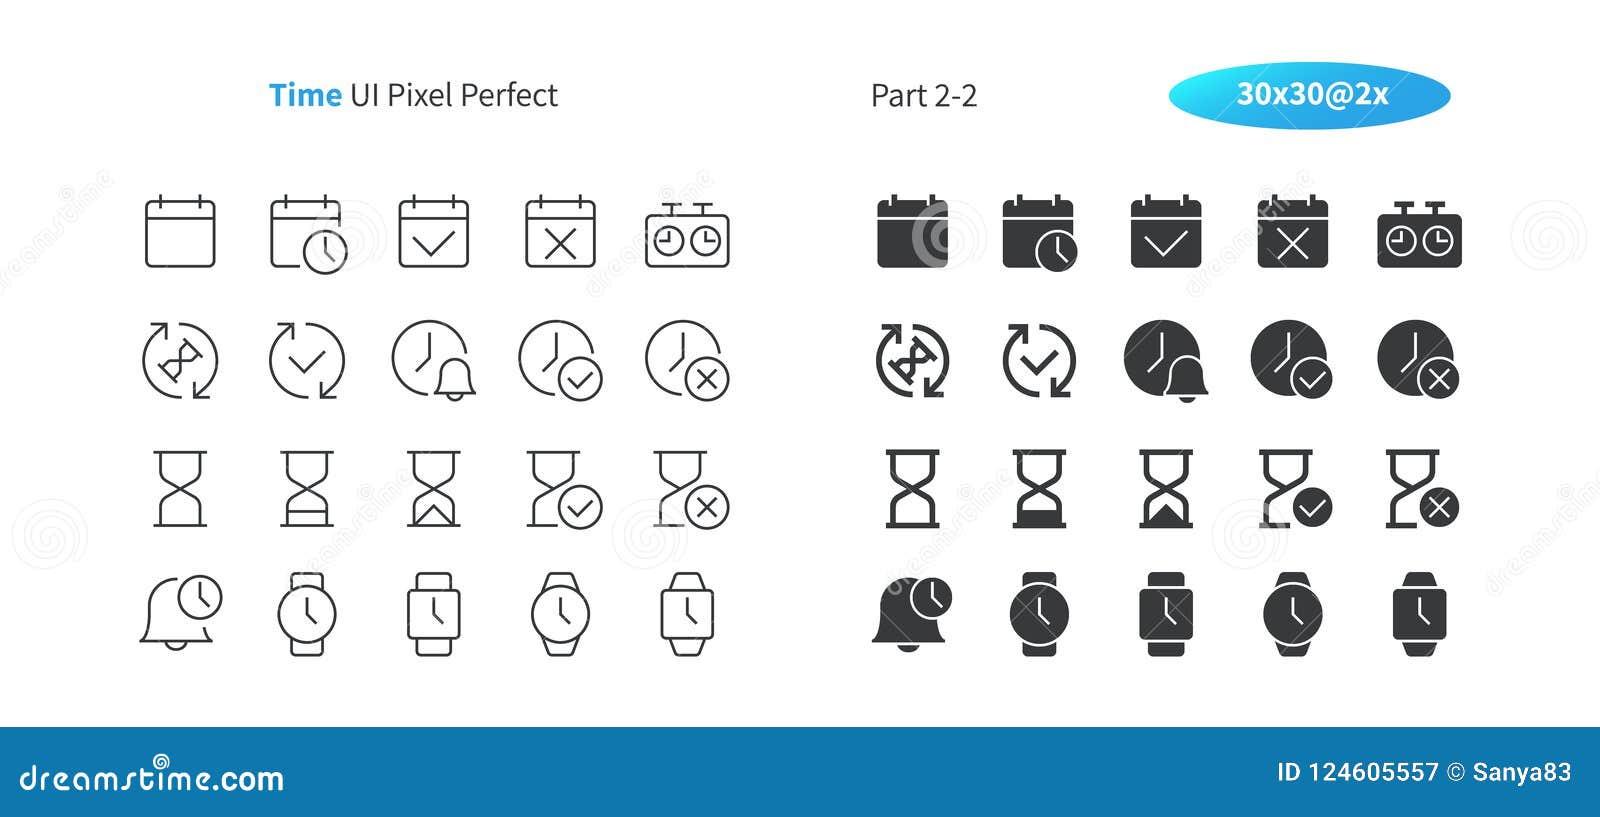 Τέλεια καλά-επεξεργασμένη διανυσματική λεπτή γραμμή και στερεά εικονίδια 30 χρονικού UI εικονοκυττάρου 2x πλέγμα για τη γραφική π